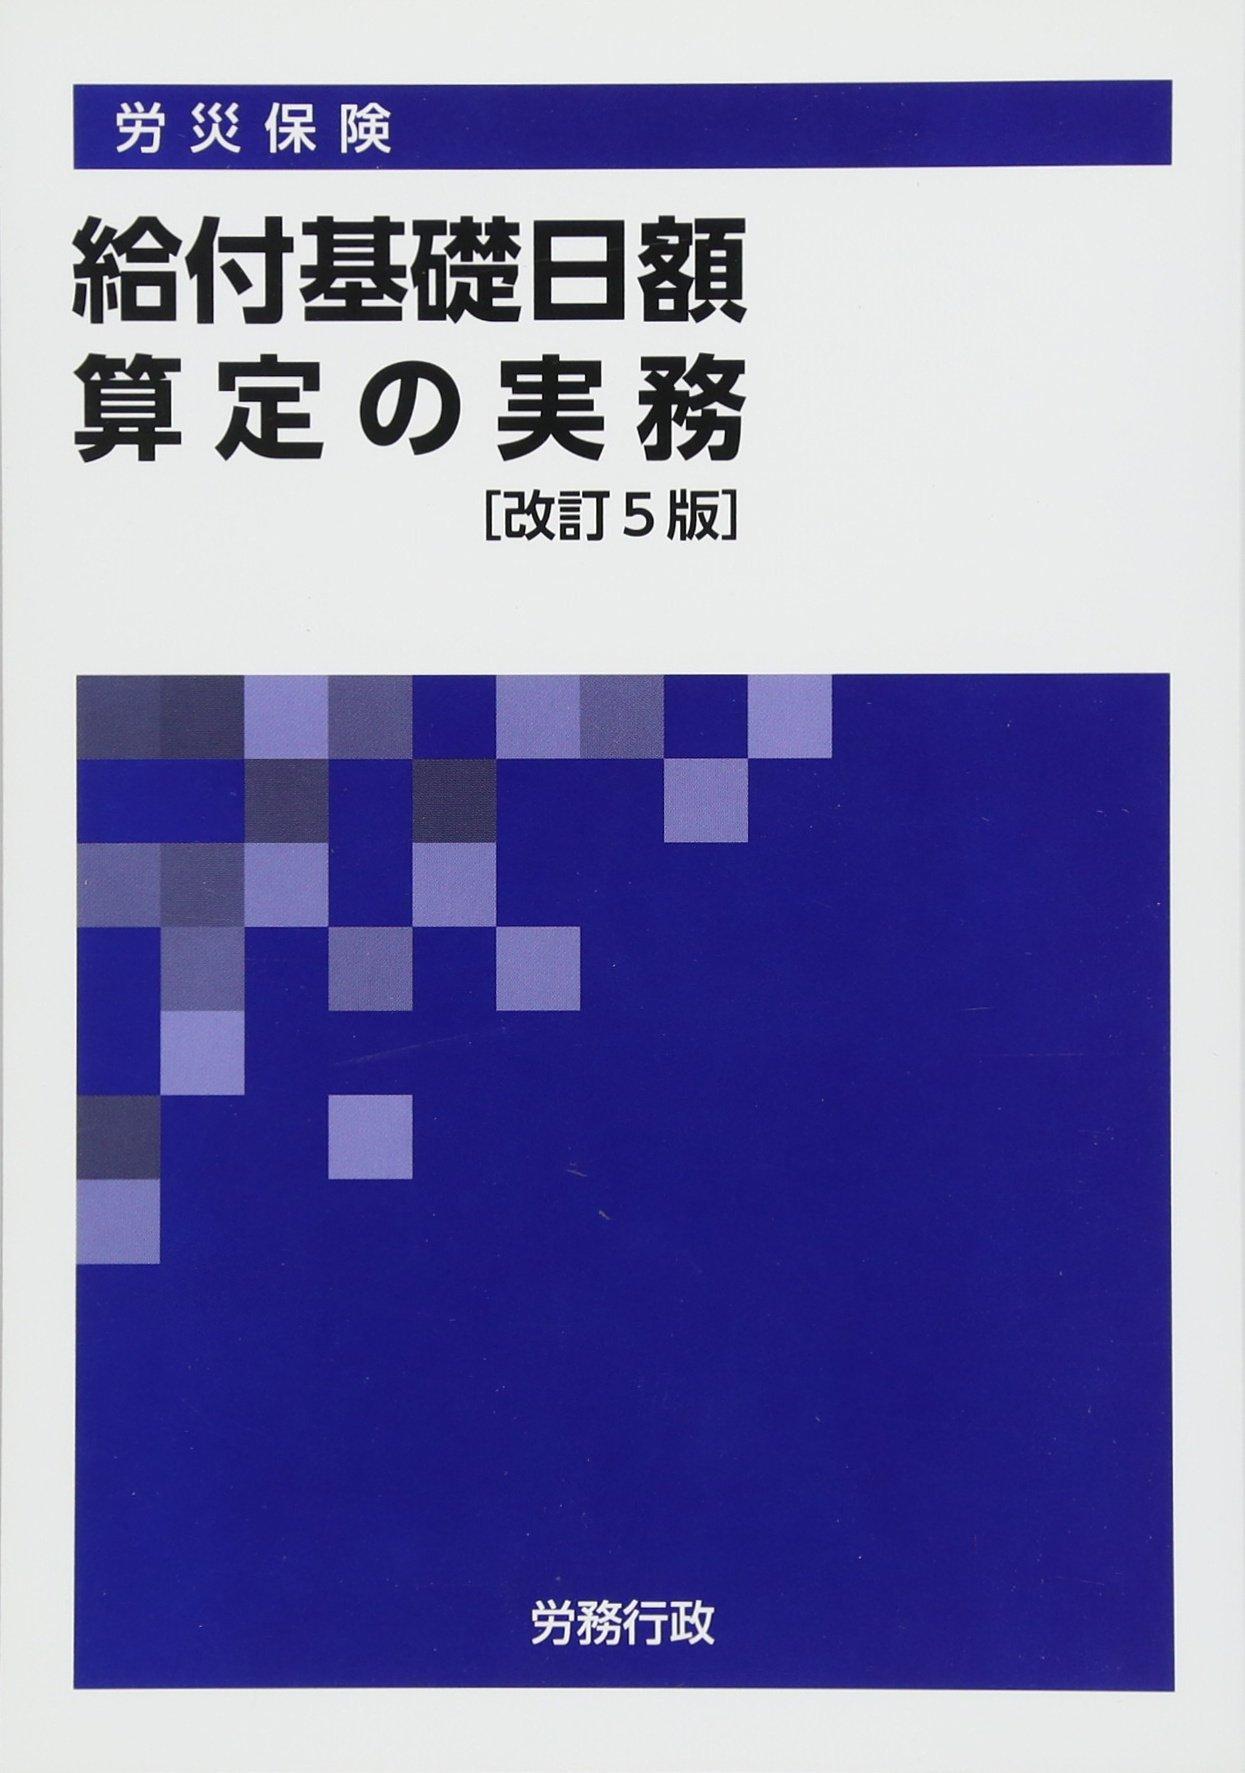 Rosai hoken kyufu kiso nichigaku santei no jitsumu. PDF